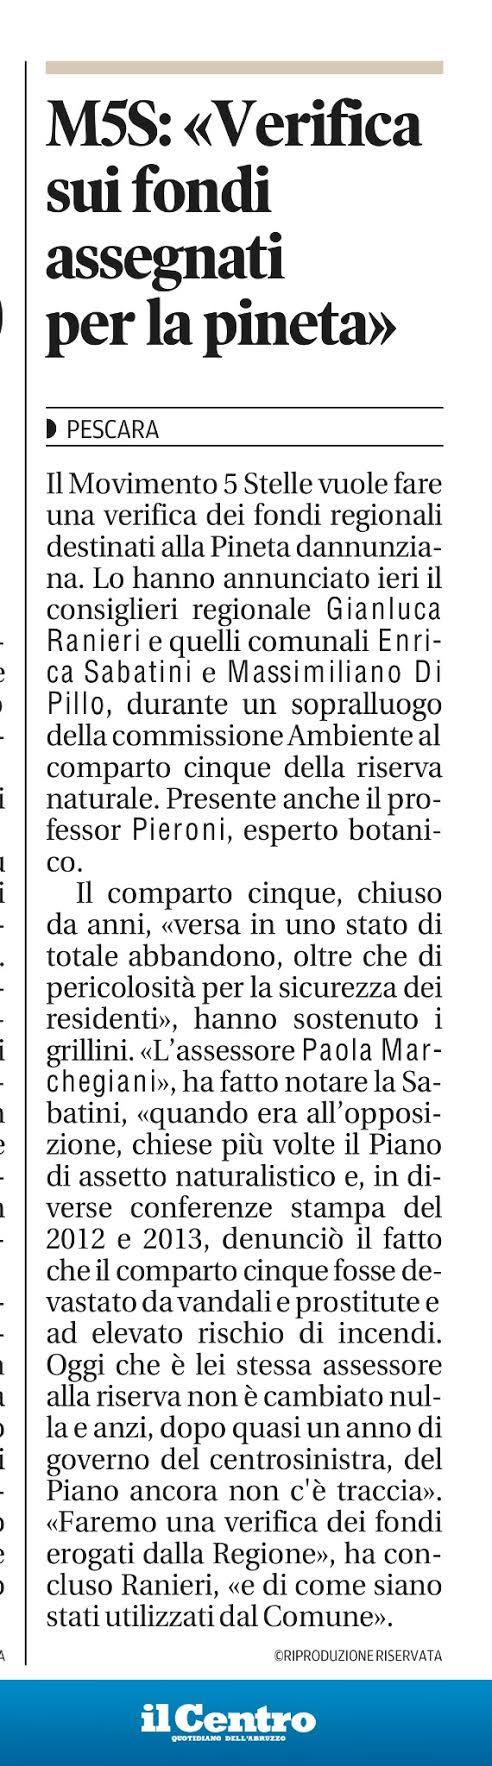 16 maggio 2015 verifica fondi per riserva dannunziana gianluca ranieri